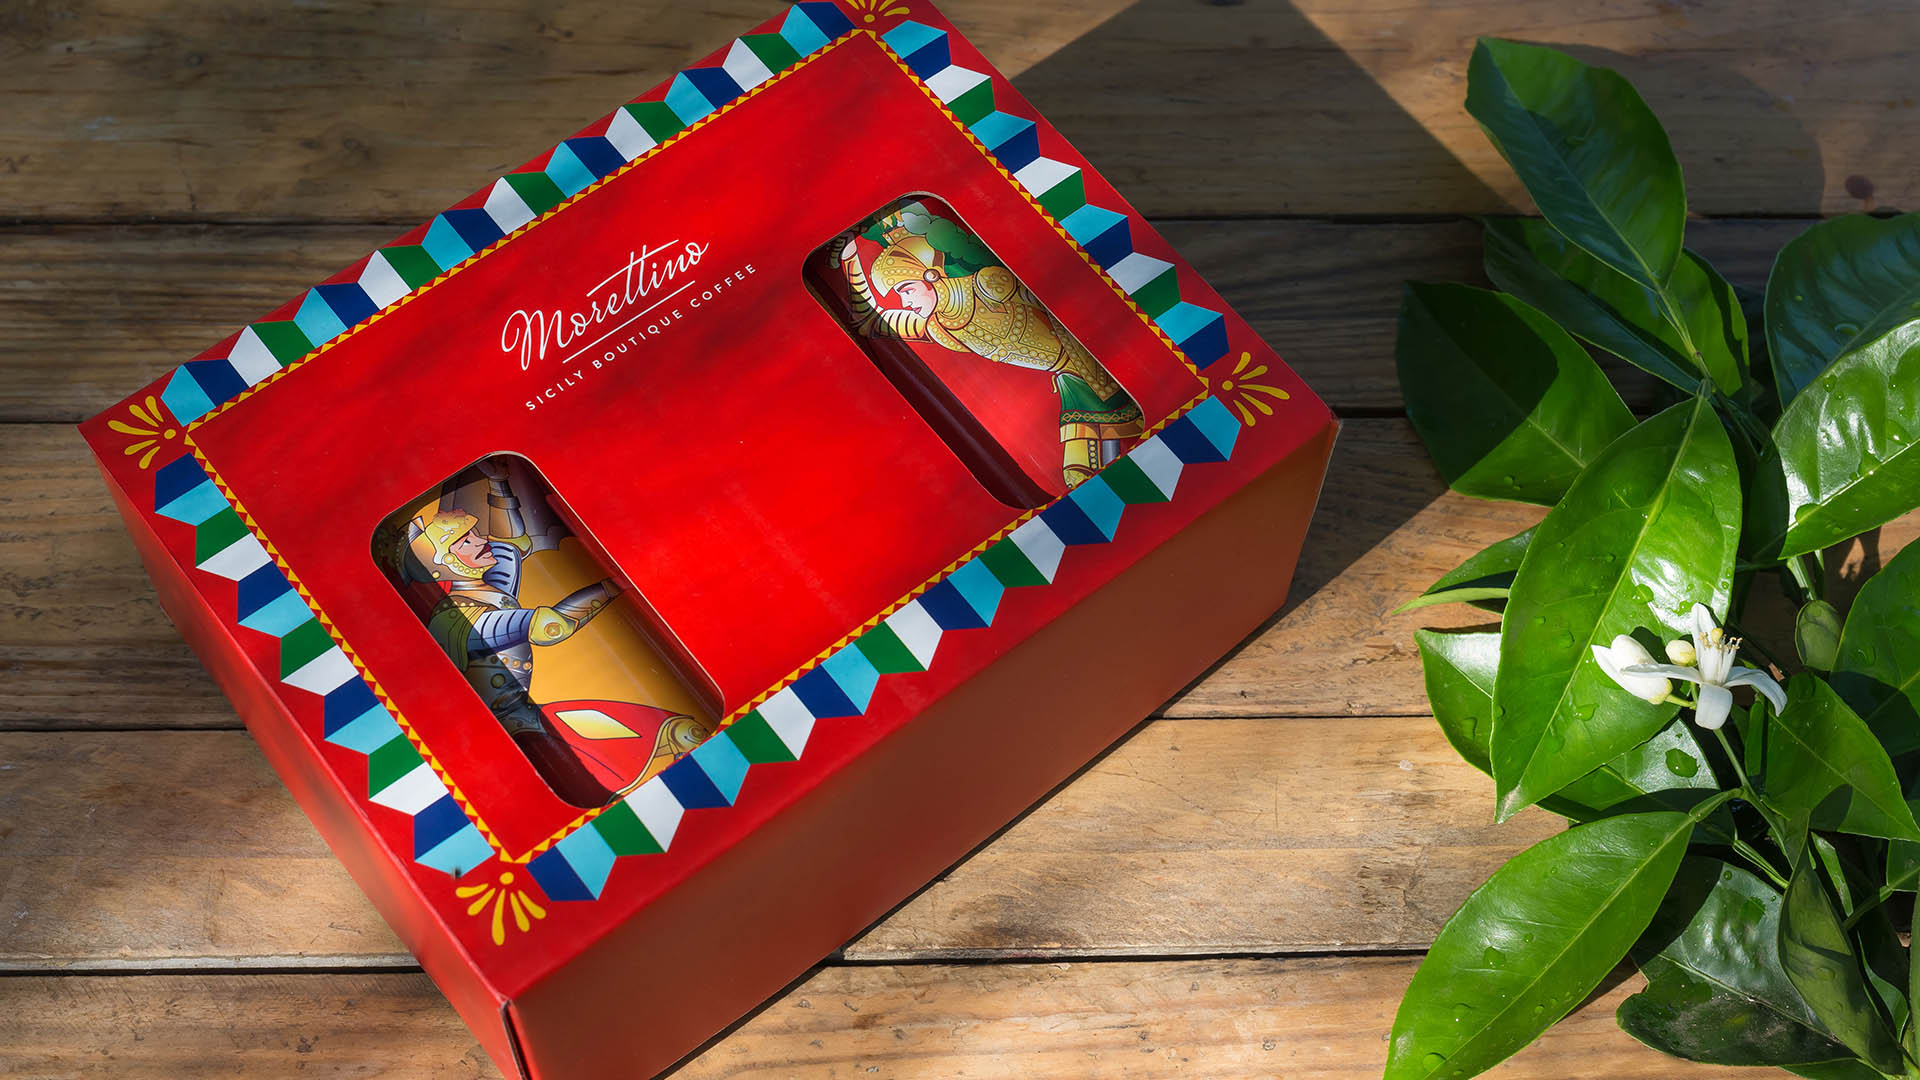 Orlando, Rinaldo e Angelica paladini del caffè. L'edizione limitata Morettino dedicata all'Opera dei pupi siciliani